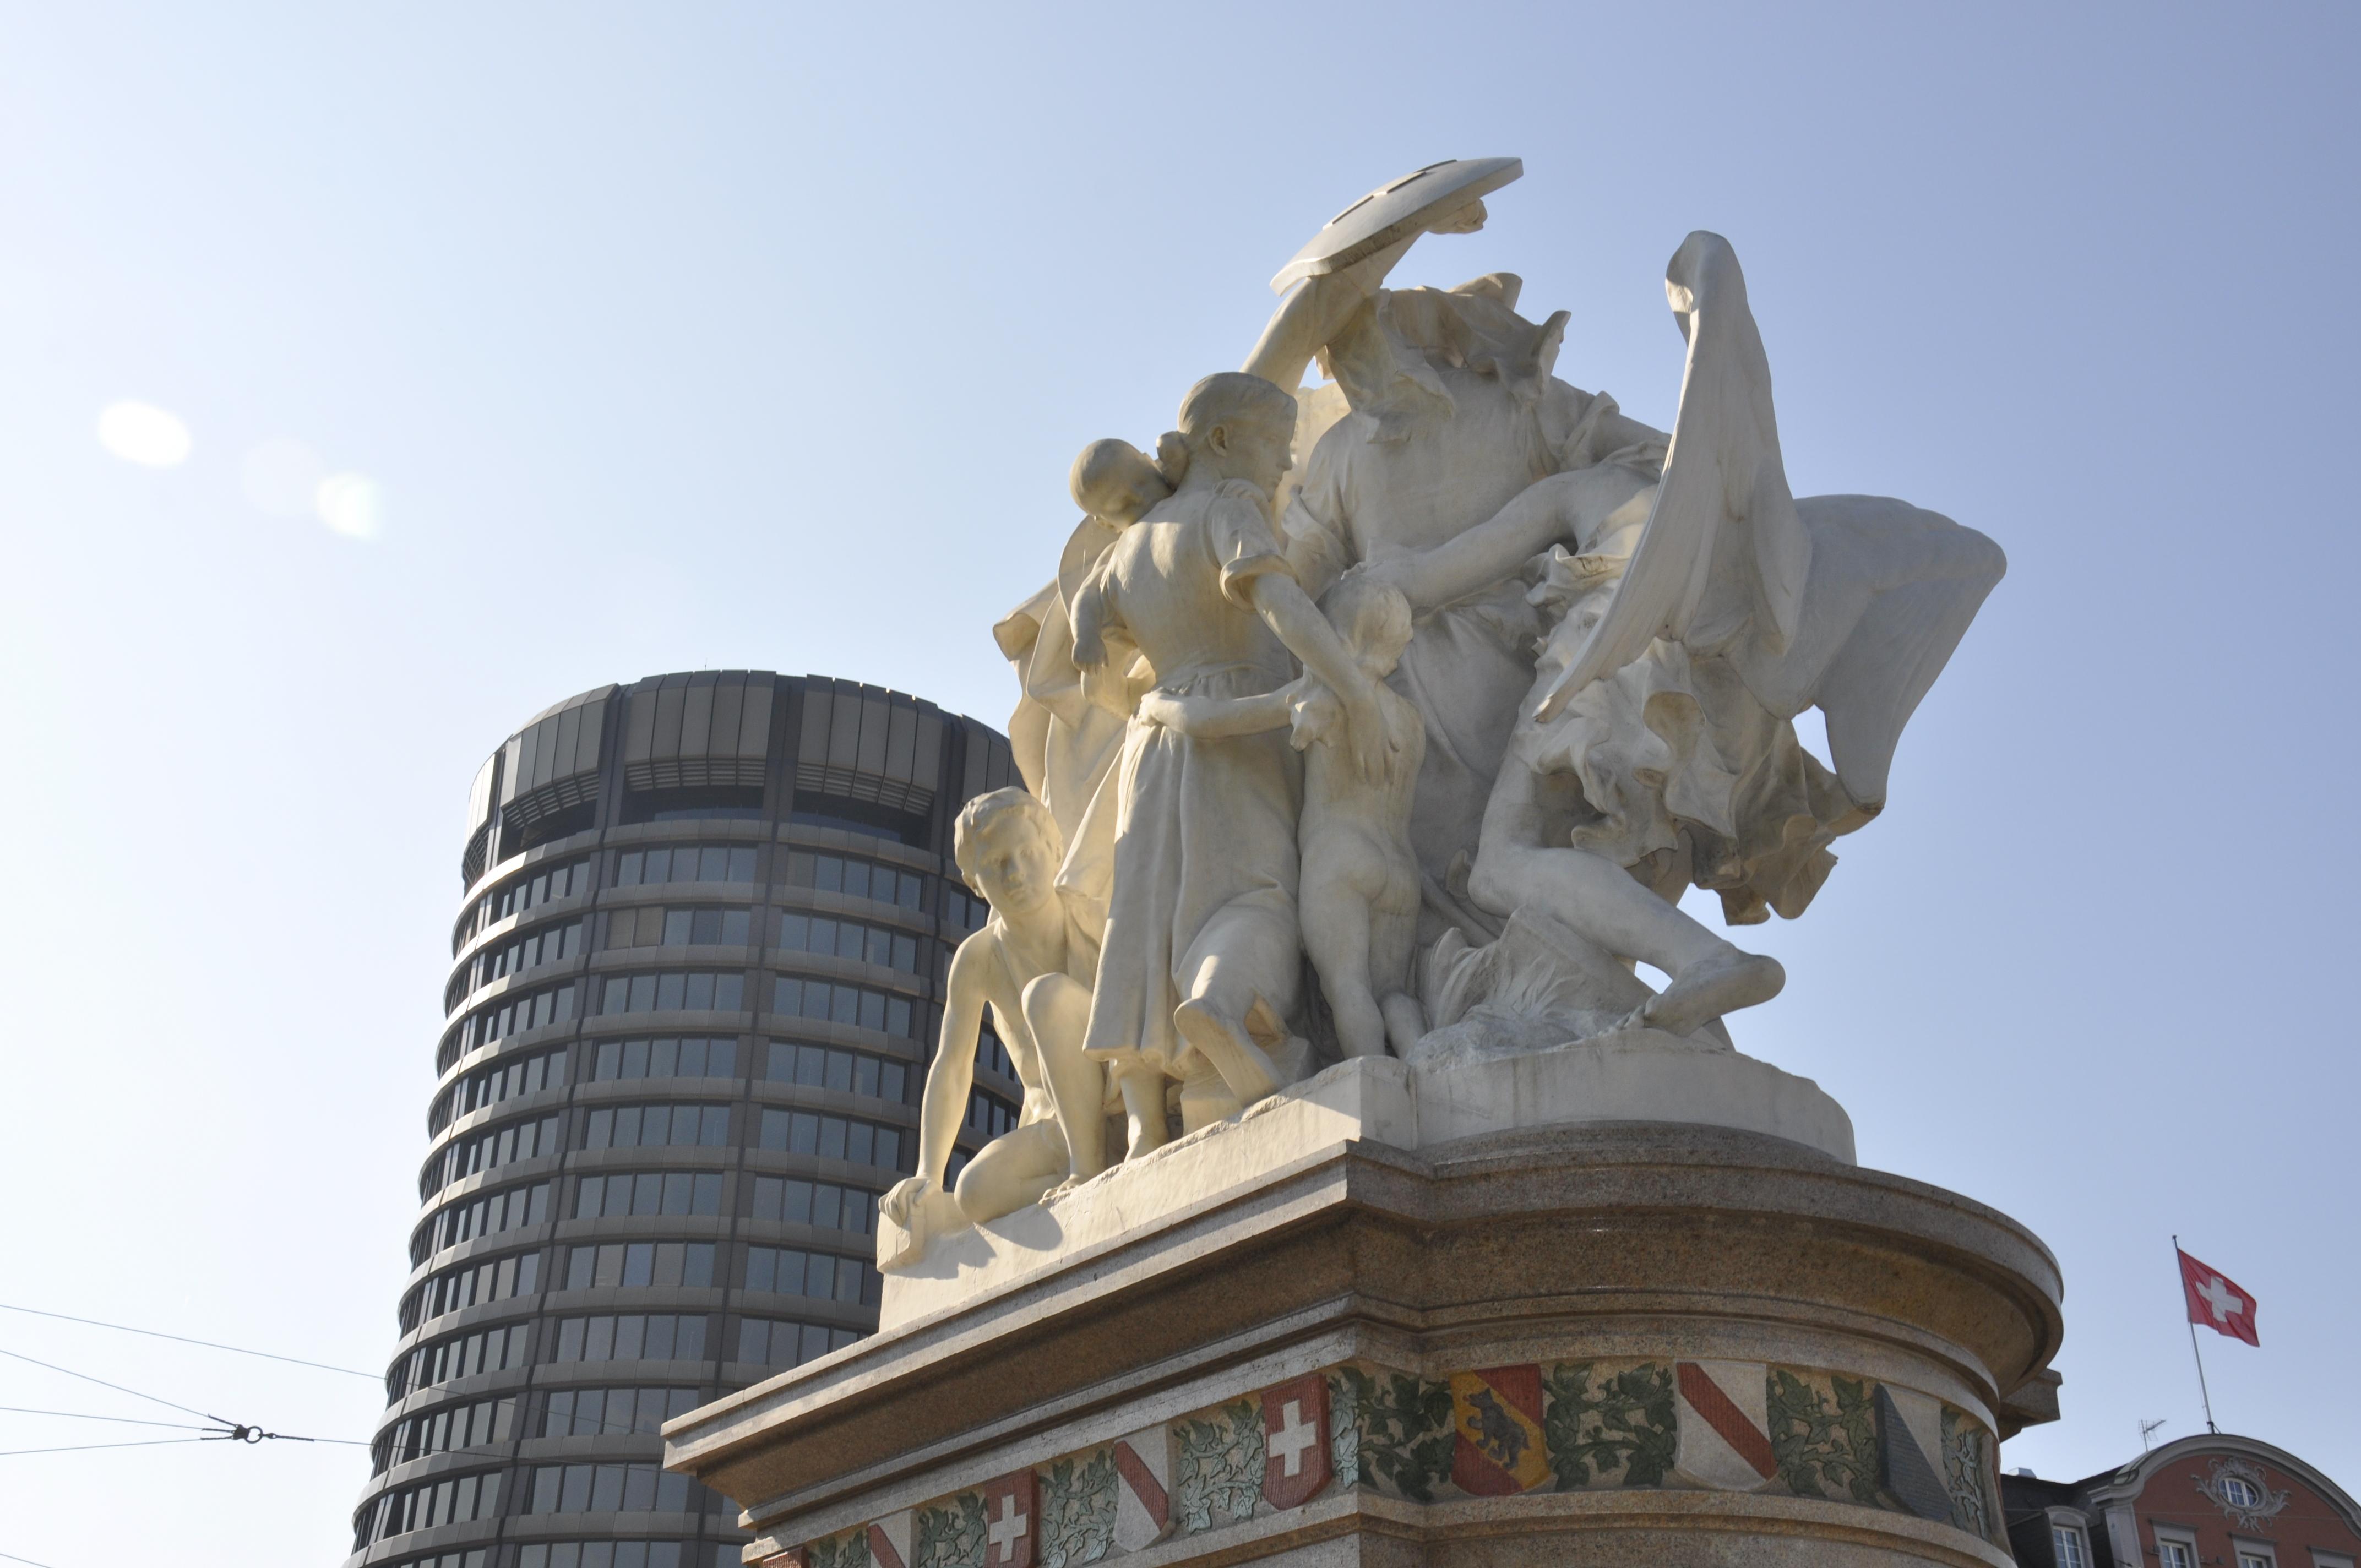 Strassburger Denkmal von Frédéric Bartholdi im De-Wett Park in Basel